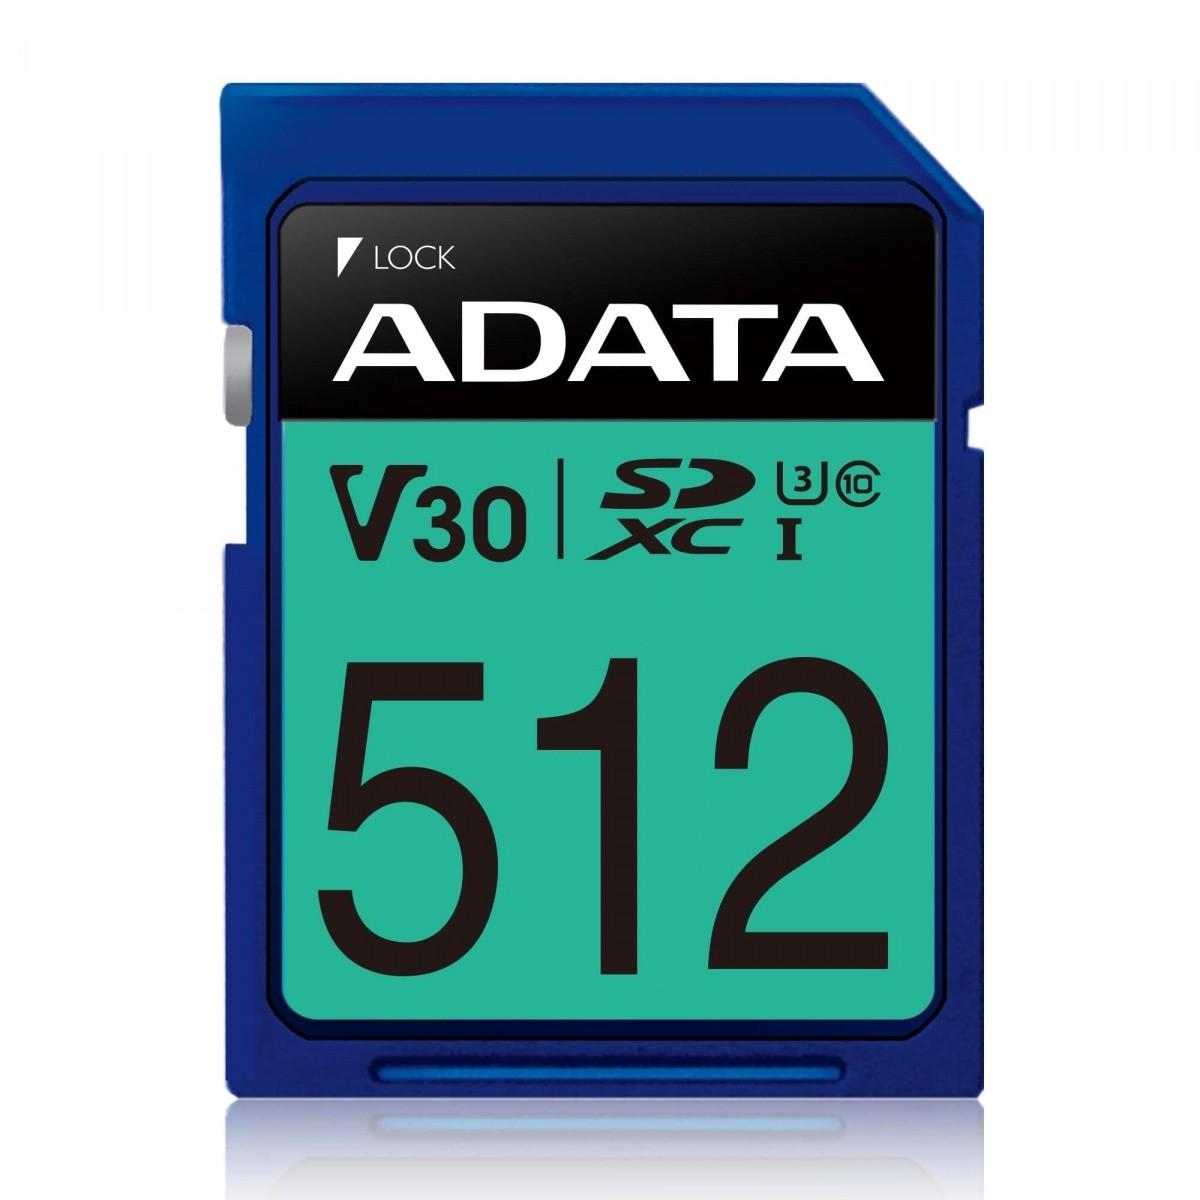 Karta pamięci SDXC PremierPro 512GB UHS-I U3 V30 100/80 MB/s